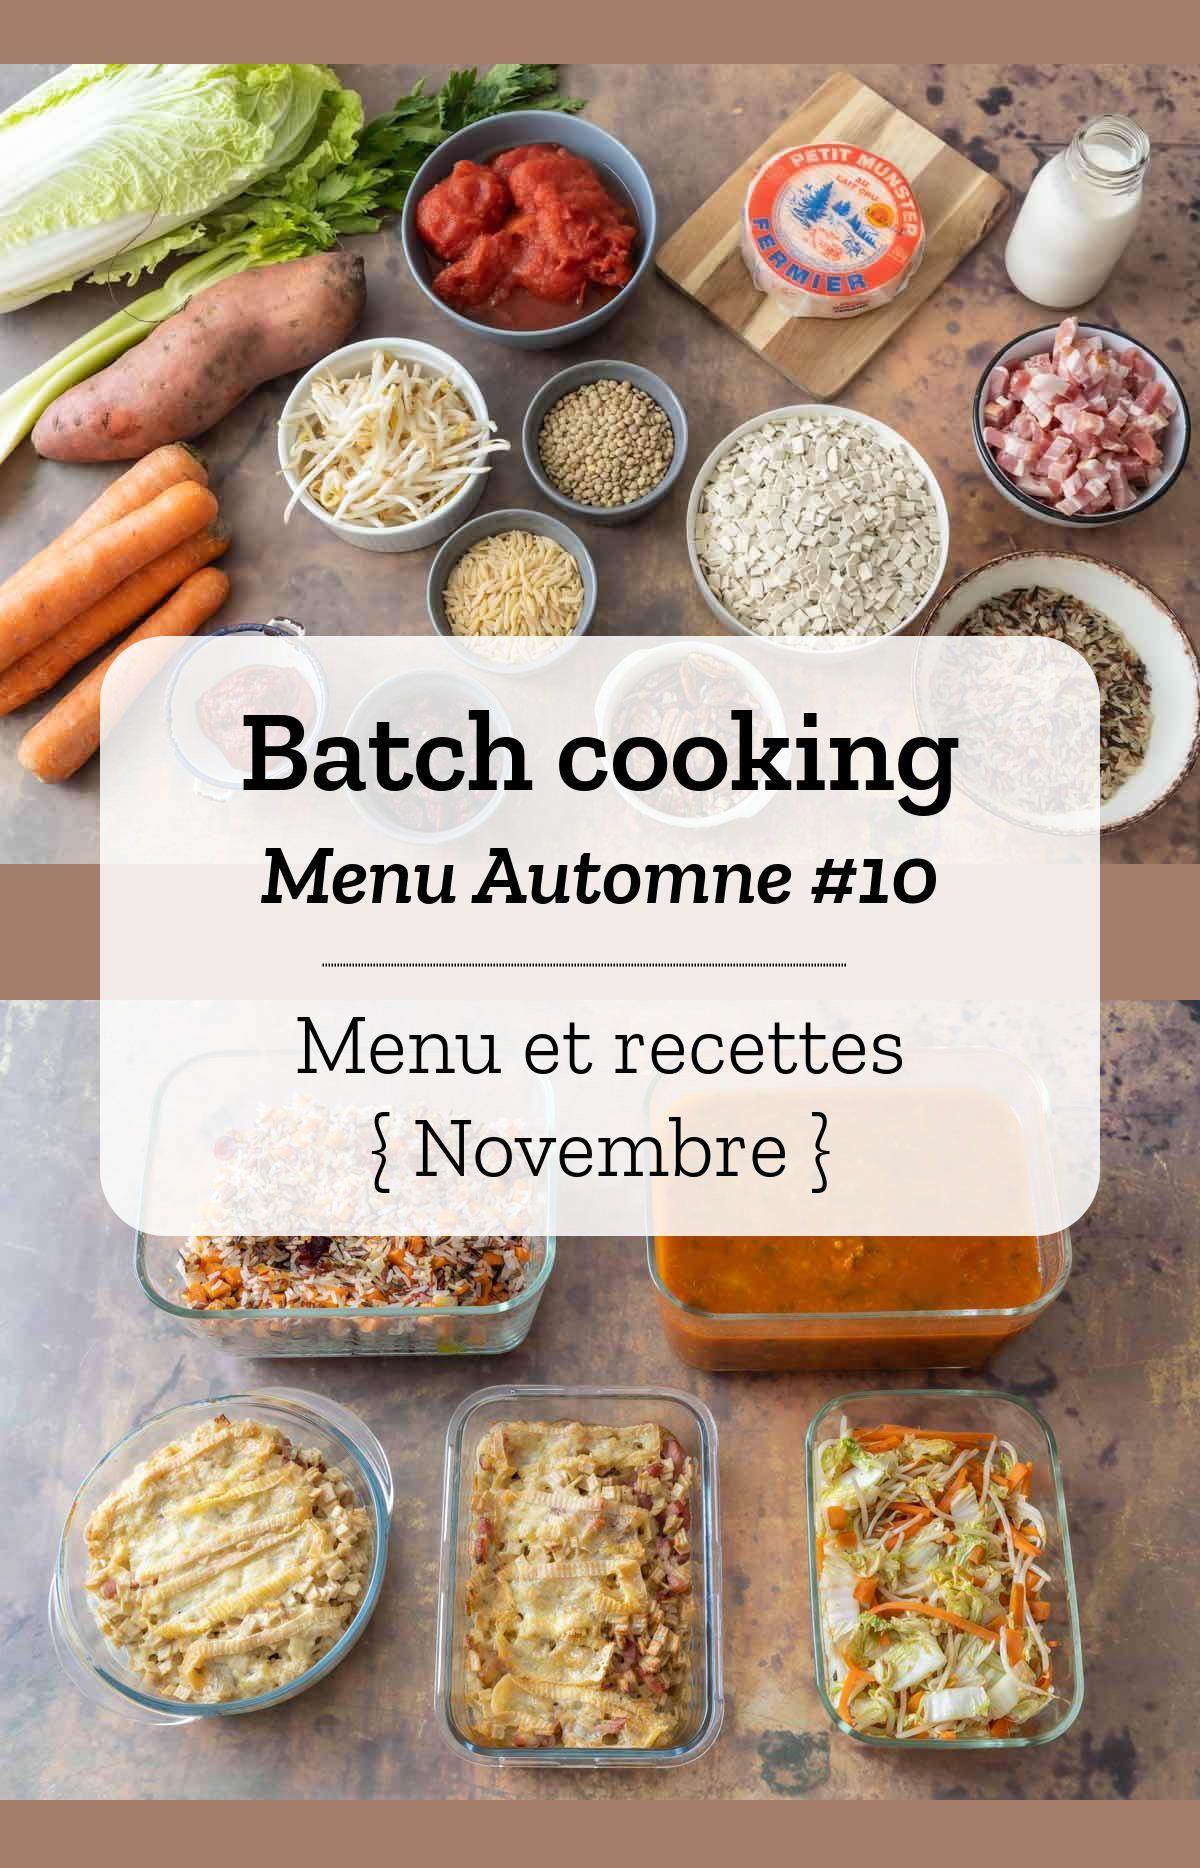 Batch cooking Automne #10 – Mois de Novembre – Semaine 48